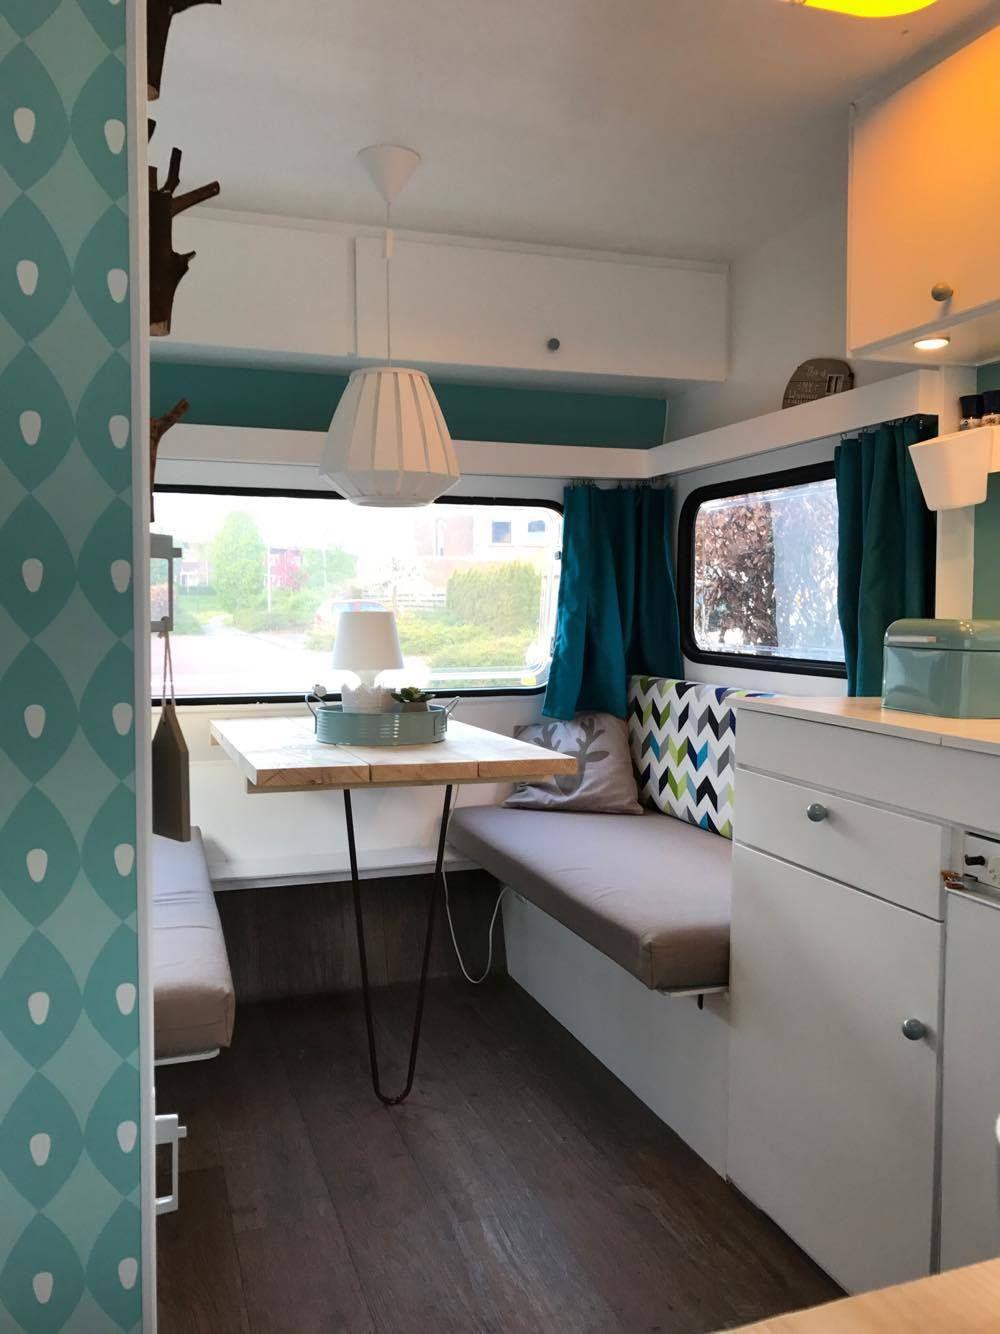 knappe knaus caravanity happy campers lifestyle caravan vintage caravan interiors. Black Bedroom Furniture Sets. Home Design Ideas